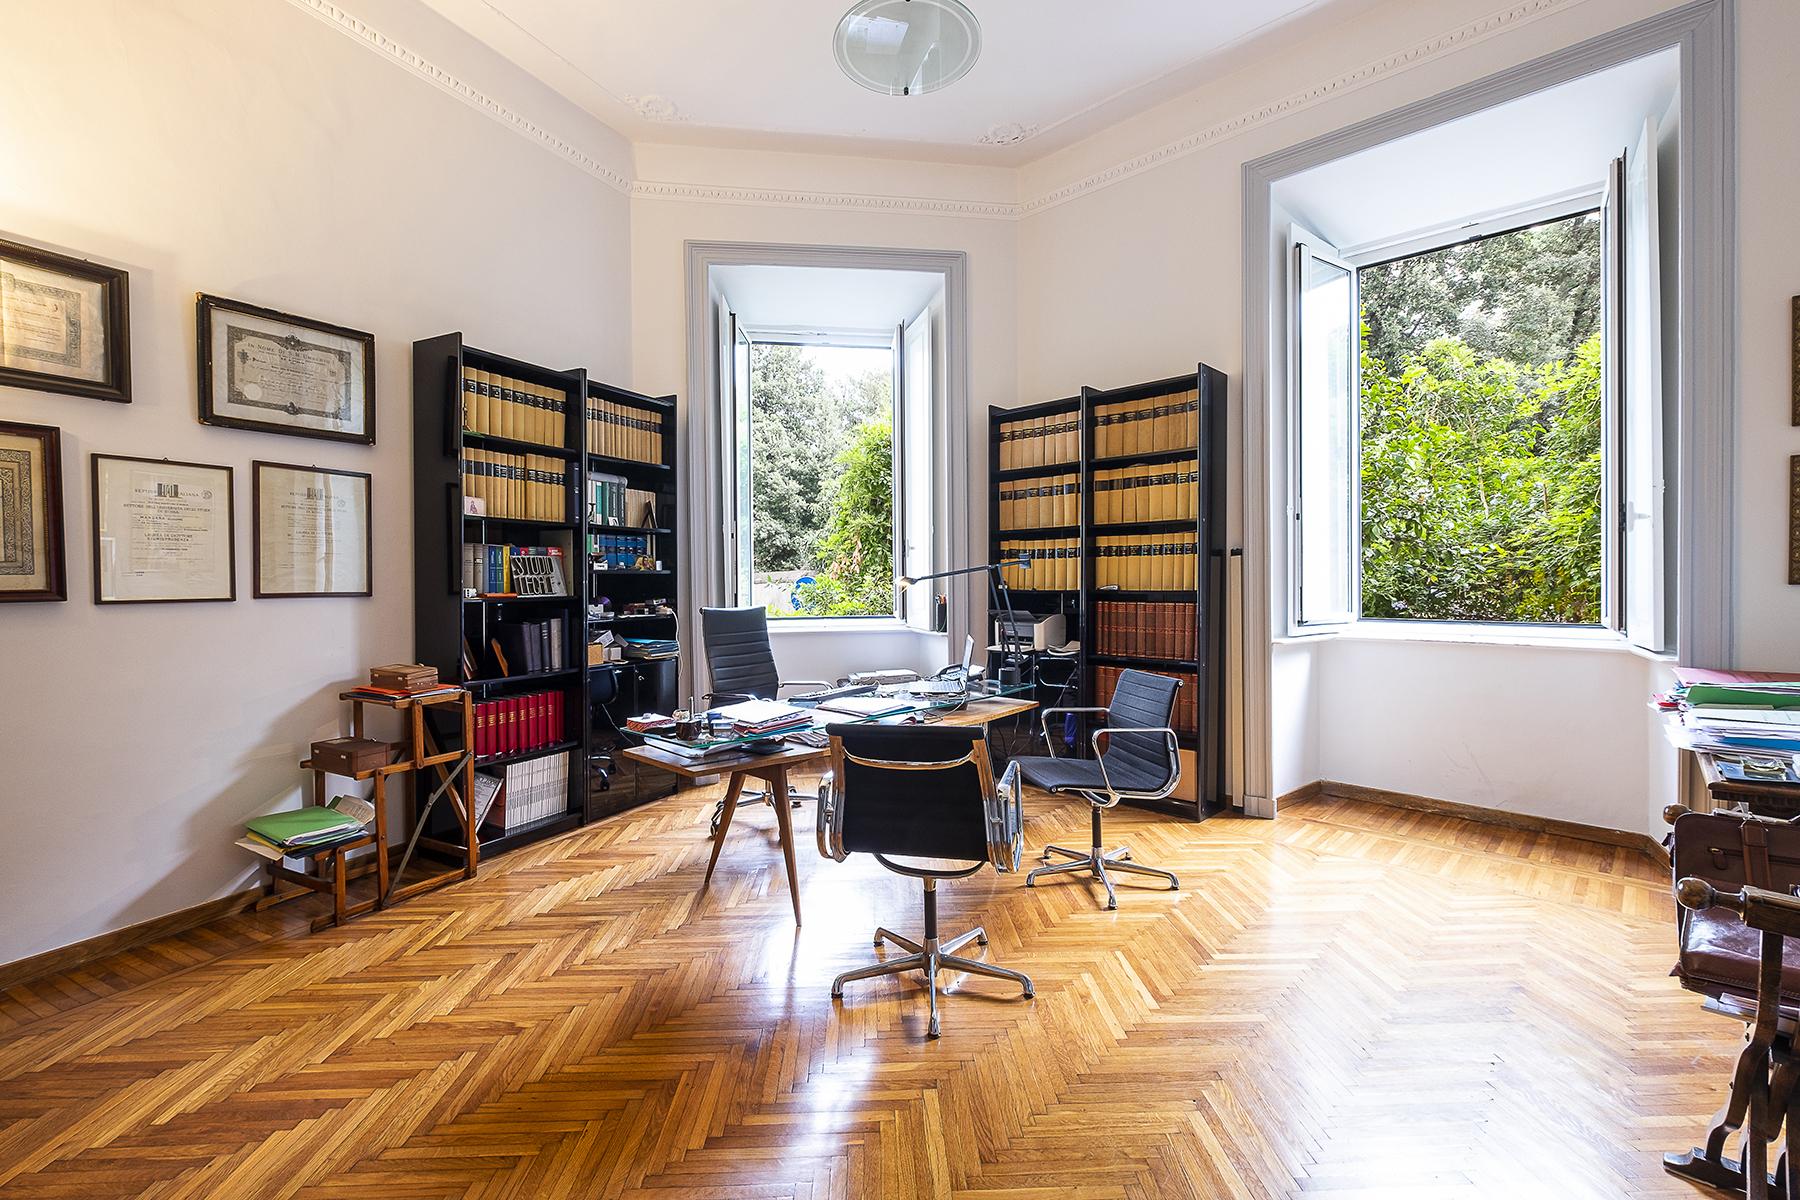 Appartamento in Vendita a Roma 02 Parioli / Pinciano / Flaminio: 5 locali, 313 mq